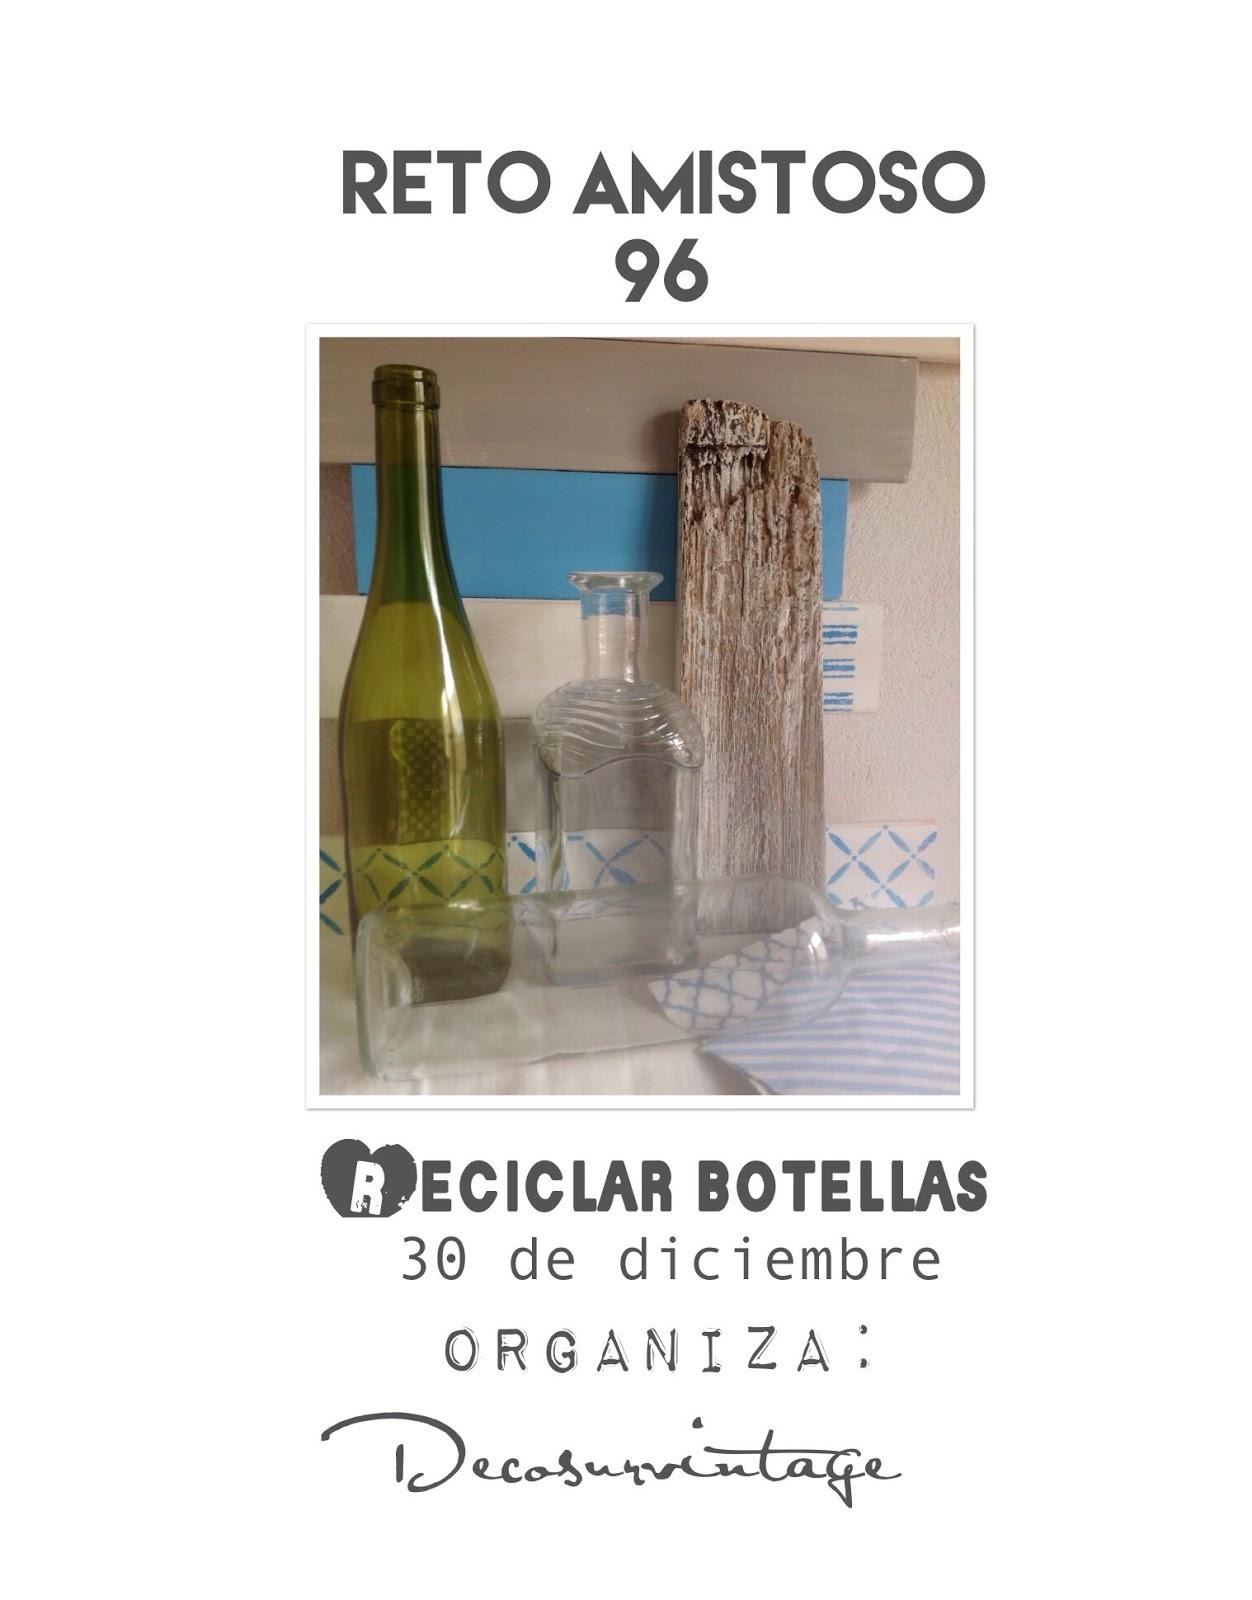 RETO AMISTOSO 96